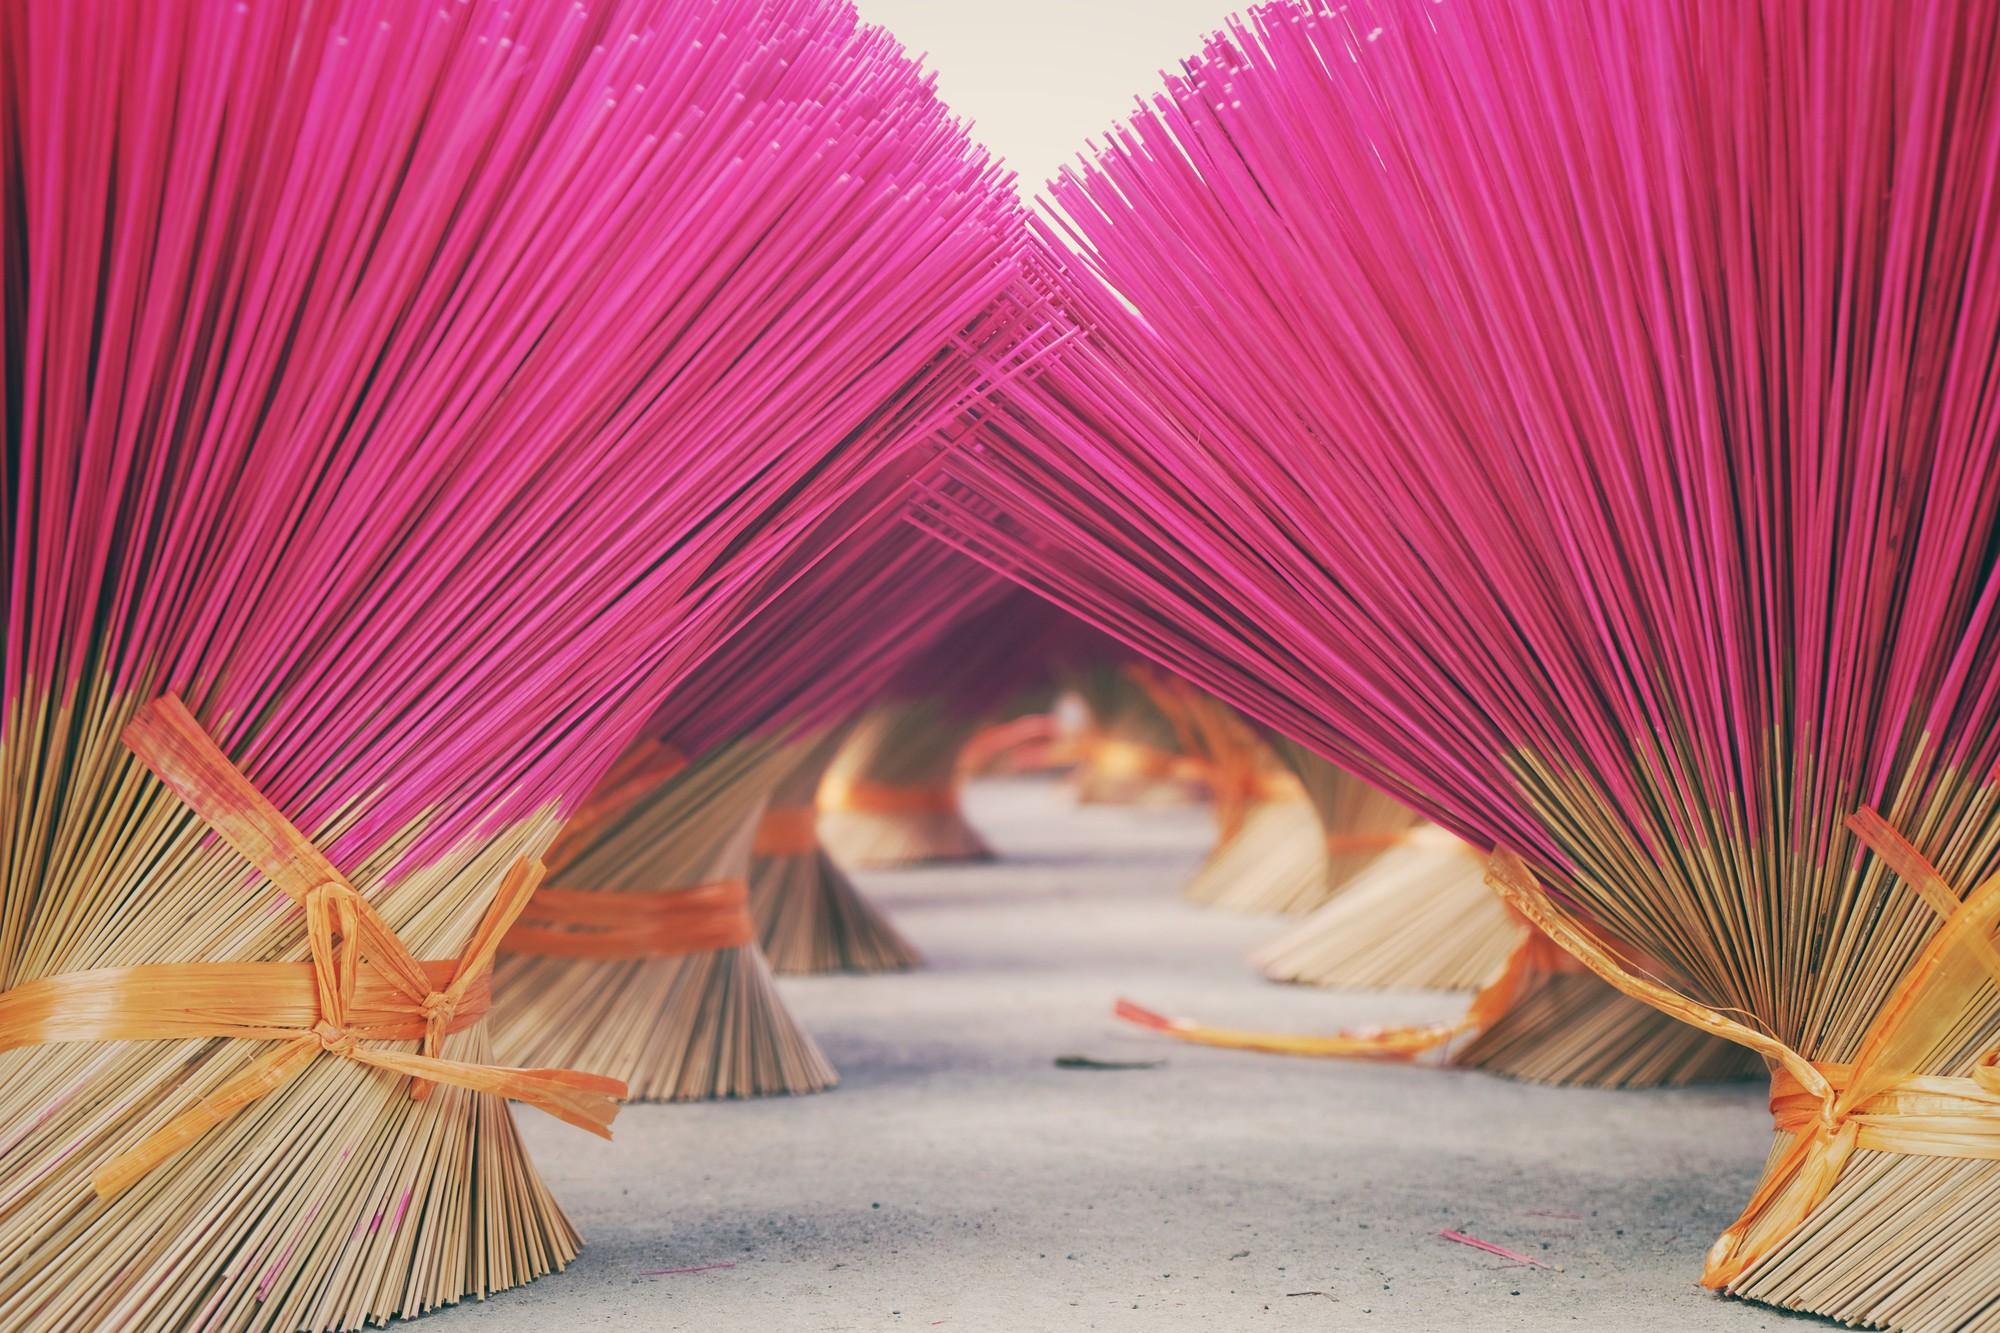 Về làng tăm hương Quảng Phú Cầu ngắm những đóa hoa đỏ rực dưới nắng thu - Ảnh 7.